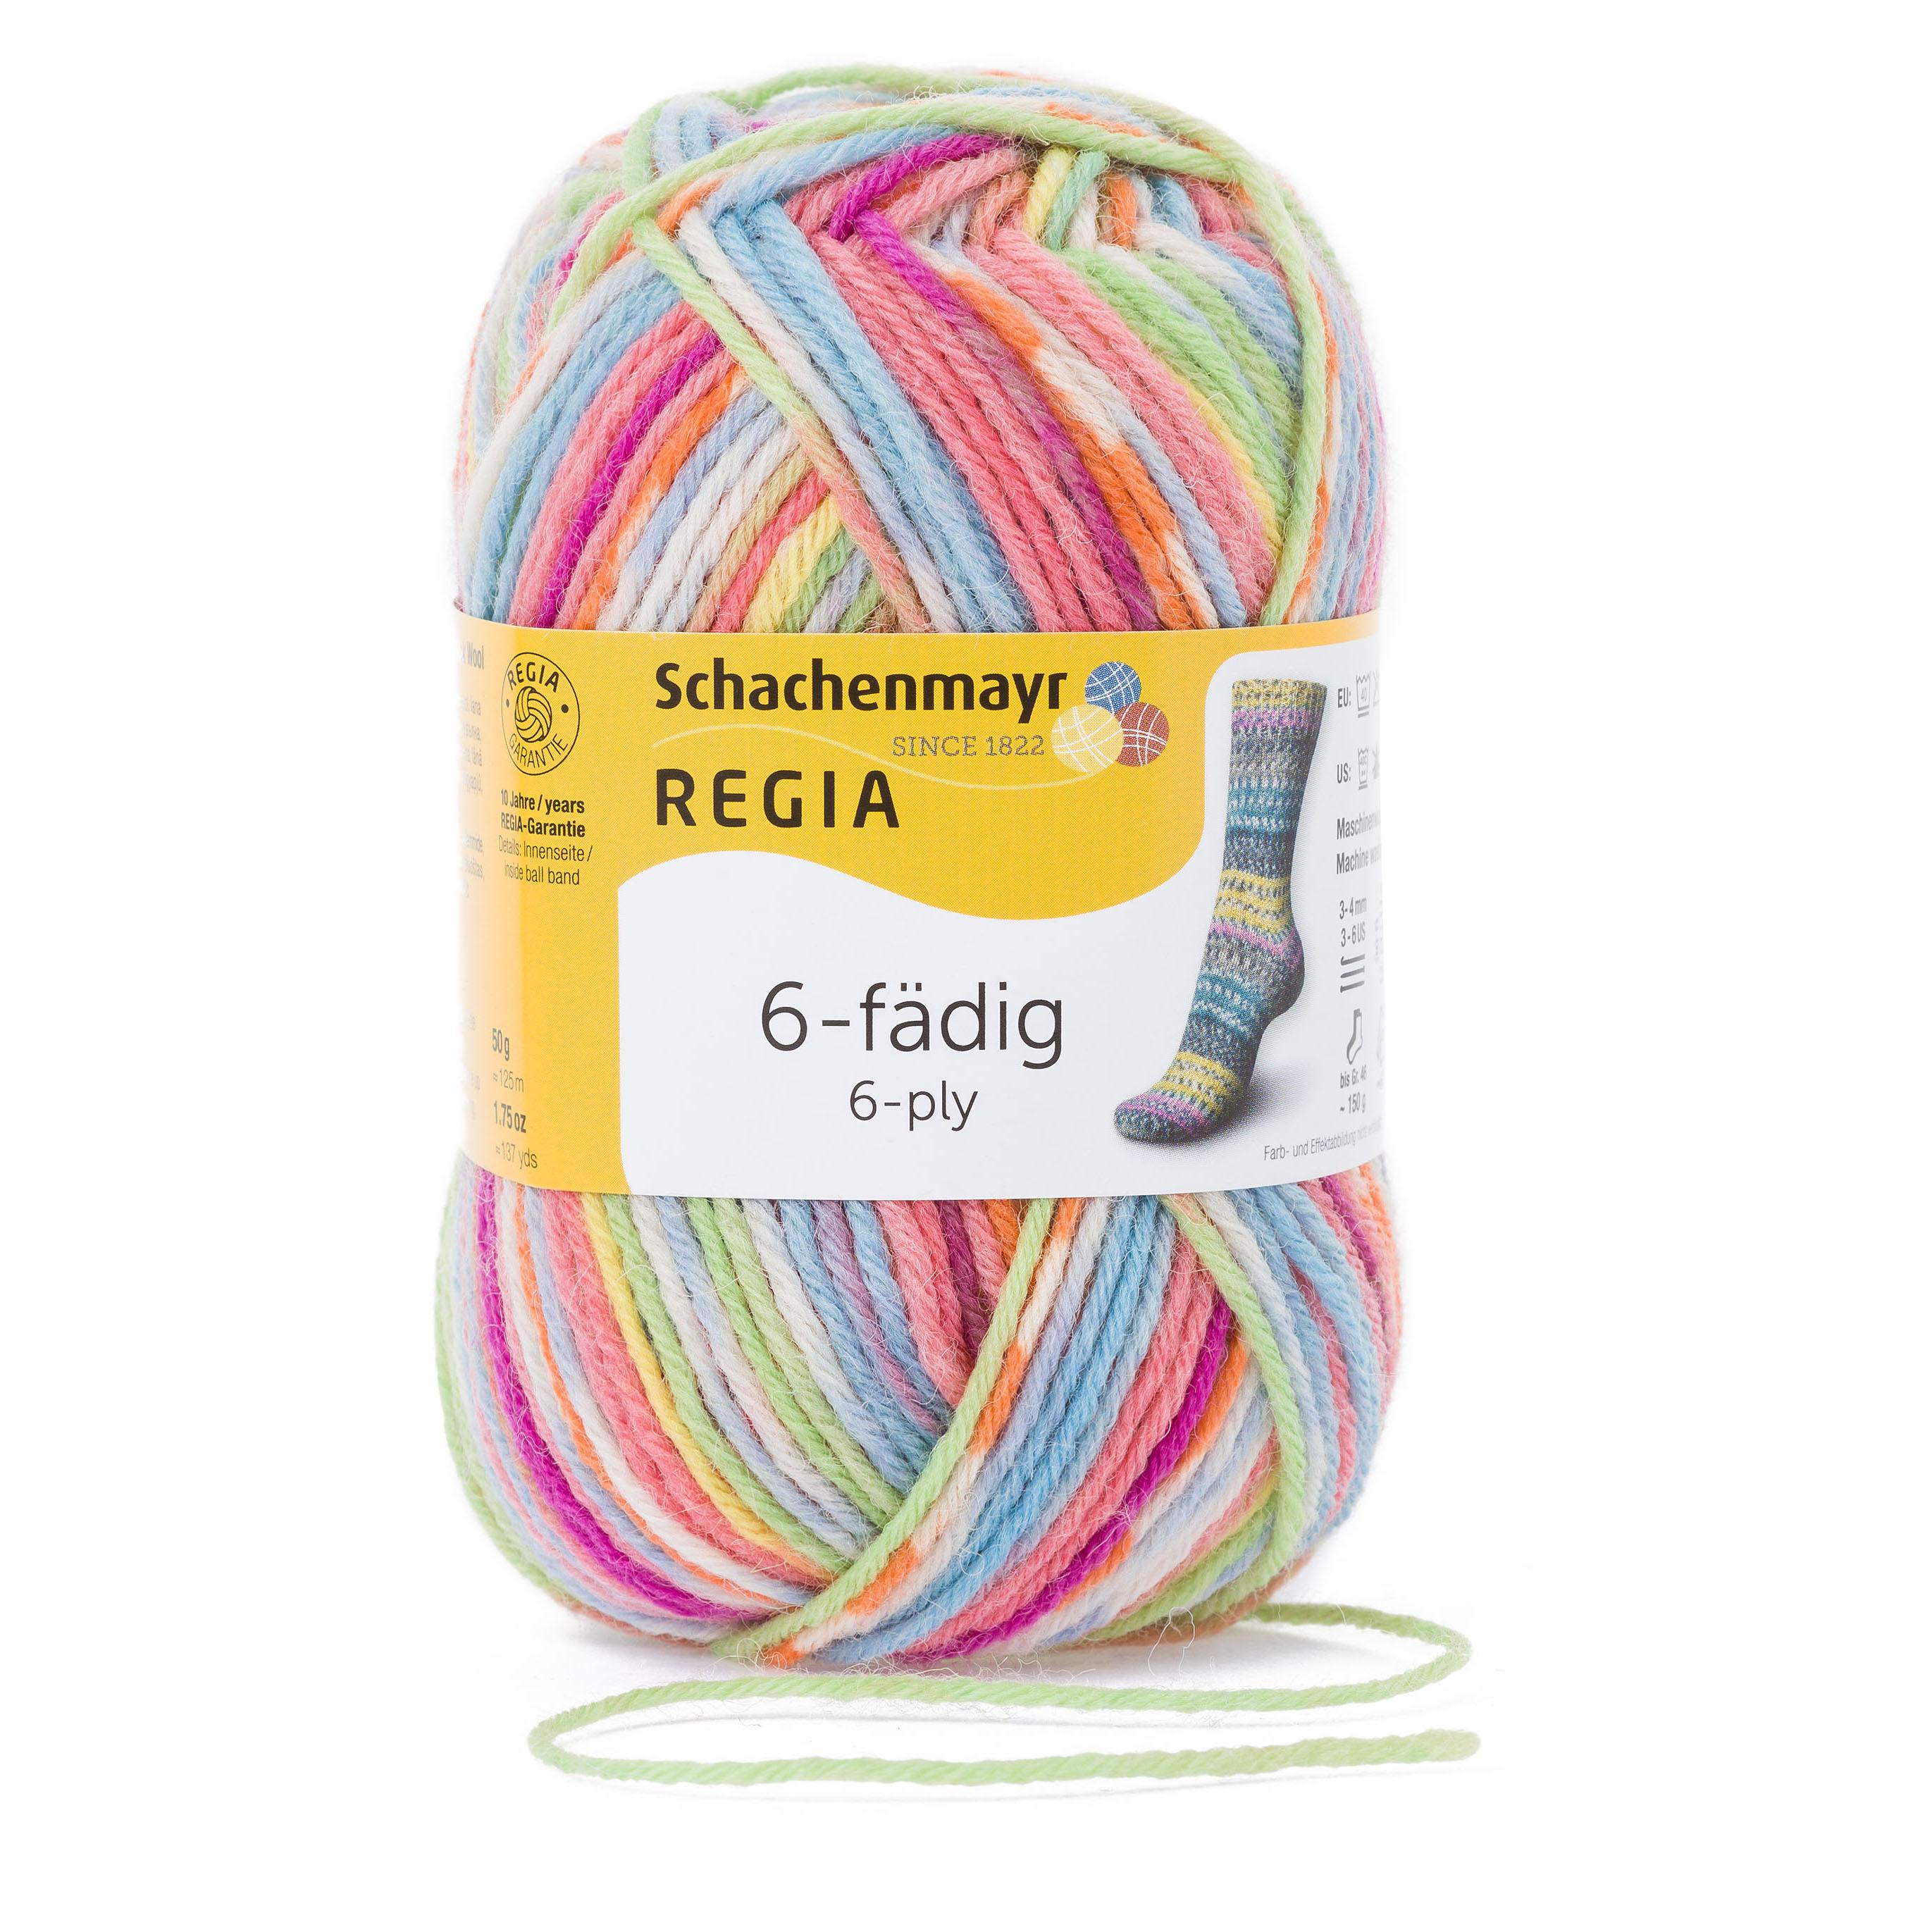 dff7de9622c REGIA 6-ply Color 50g | Schachenmayr